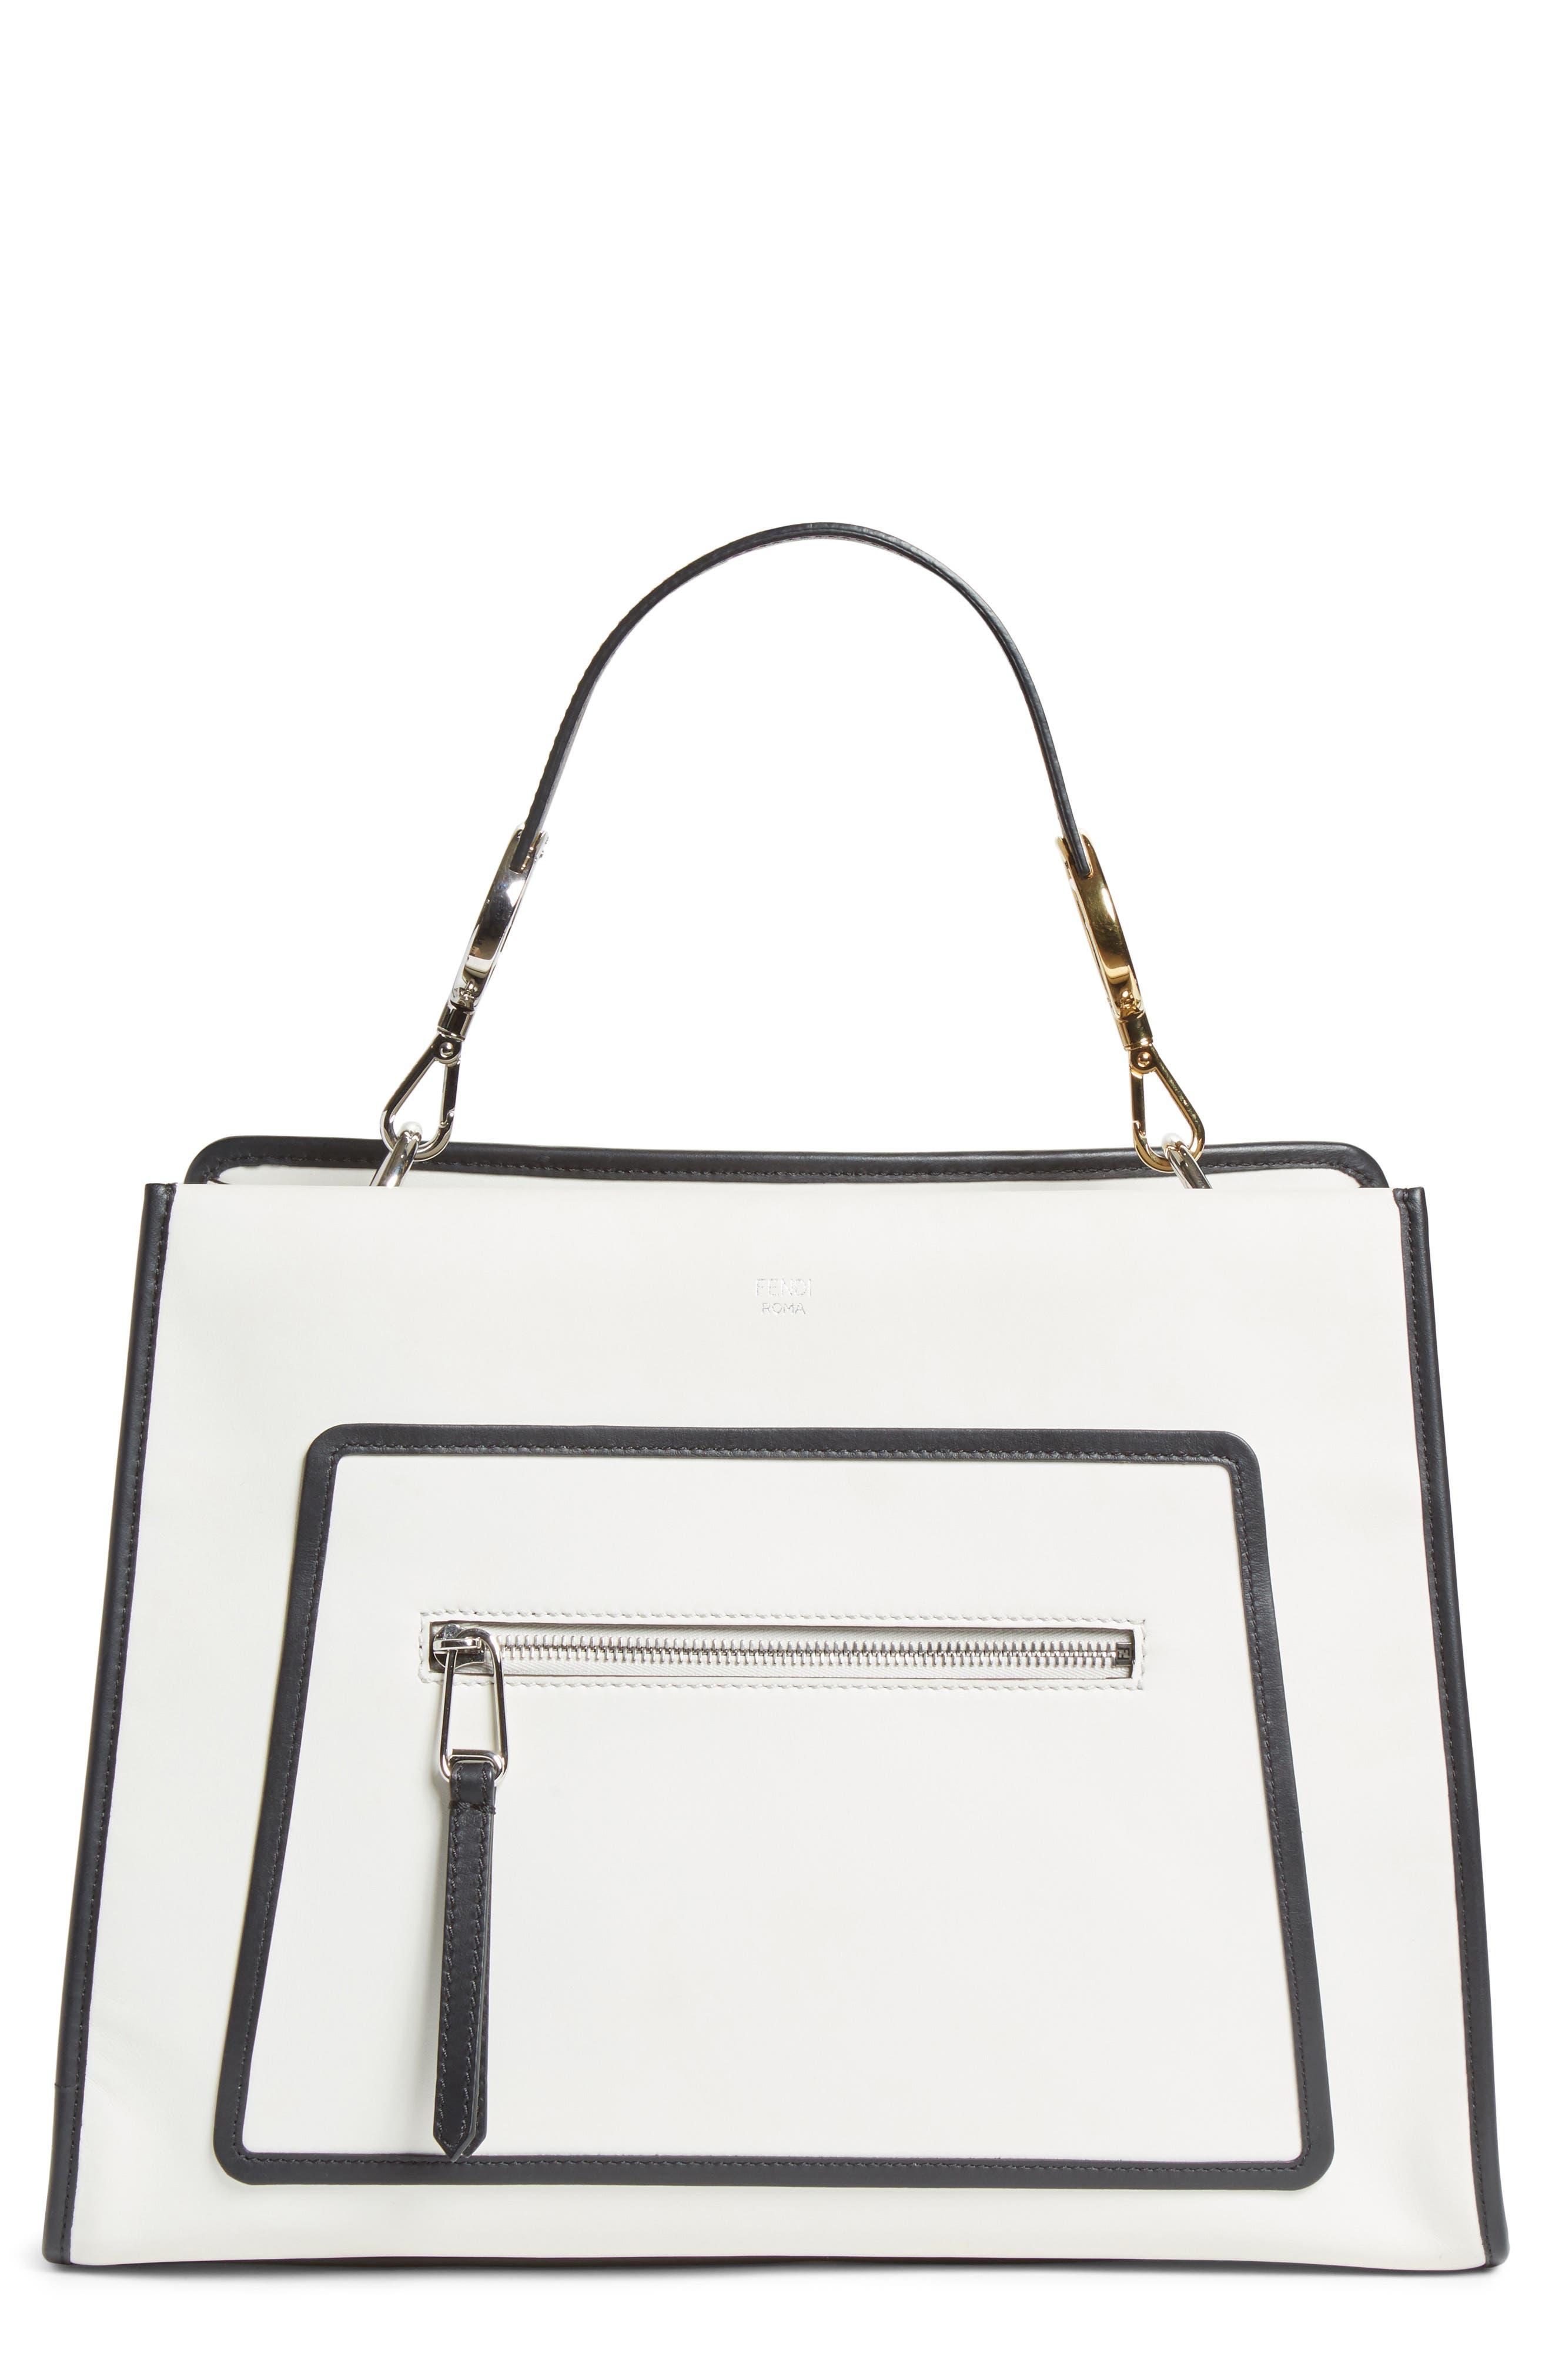 Main Image - Fendi Runaway Medium Leather Tote Bag